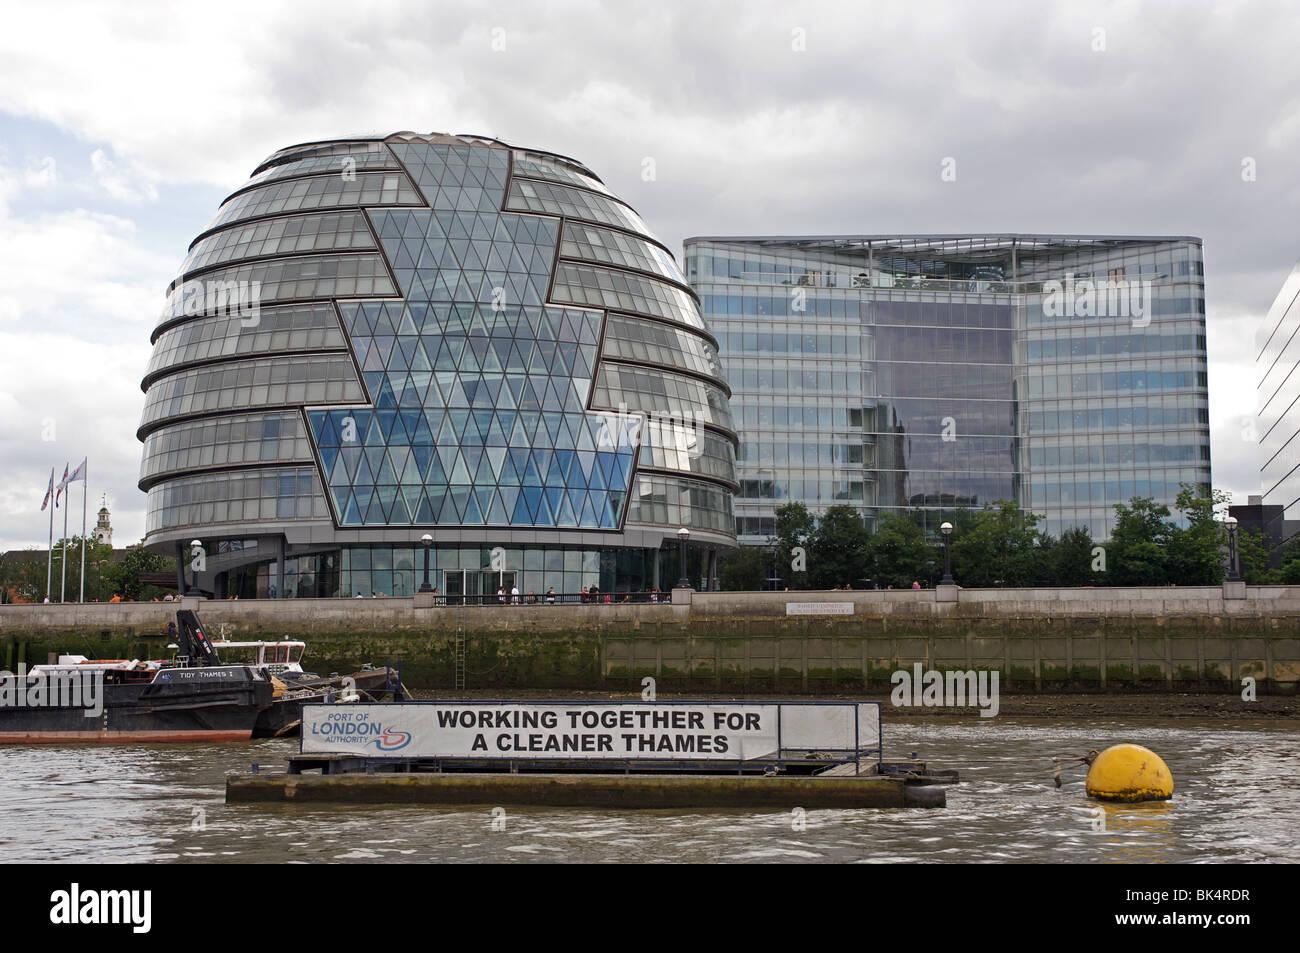 London Assembly building (City Hall) London, UK. - Stock Image